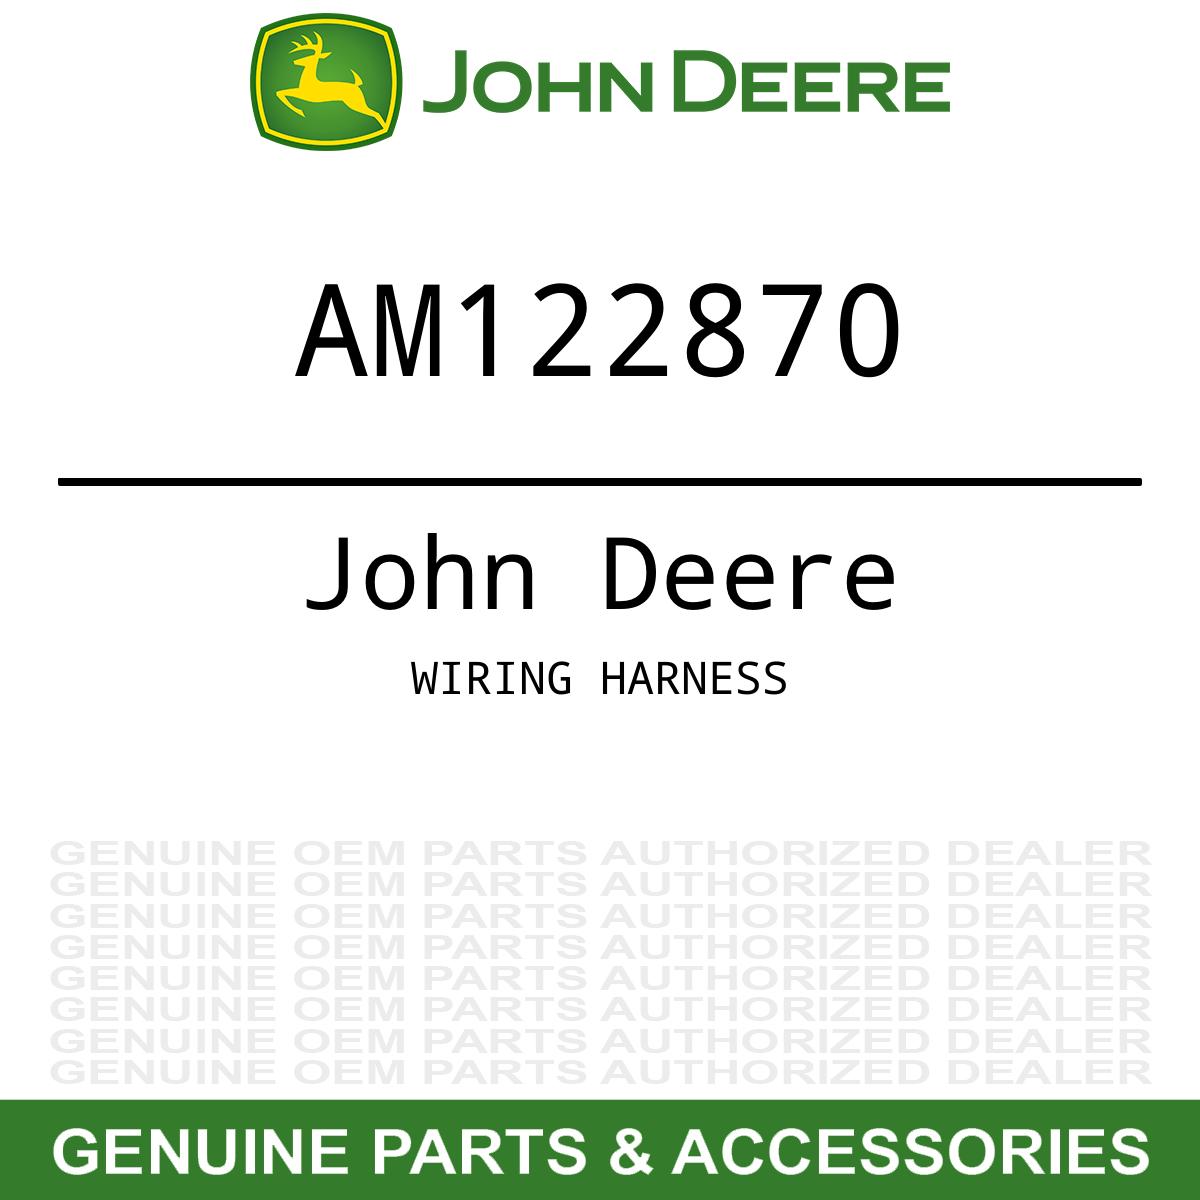 Genuine OEM Wiring Harness John Deere AM122870